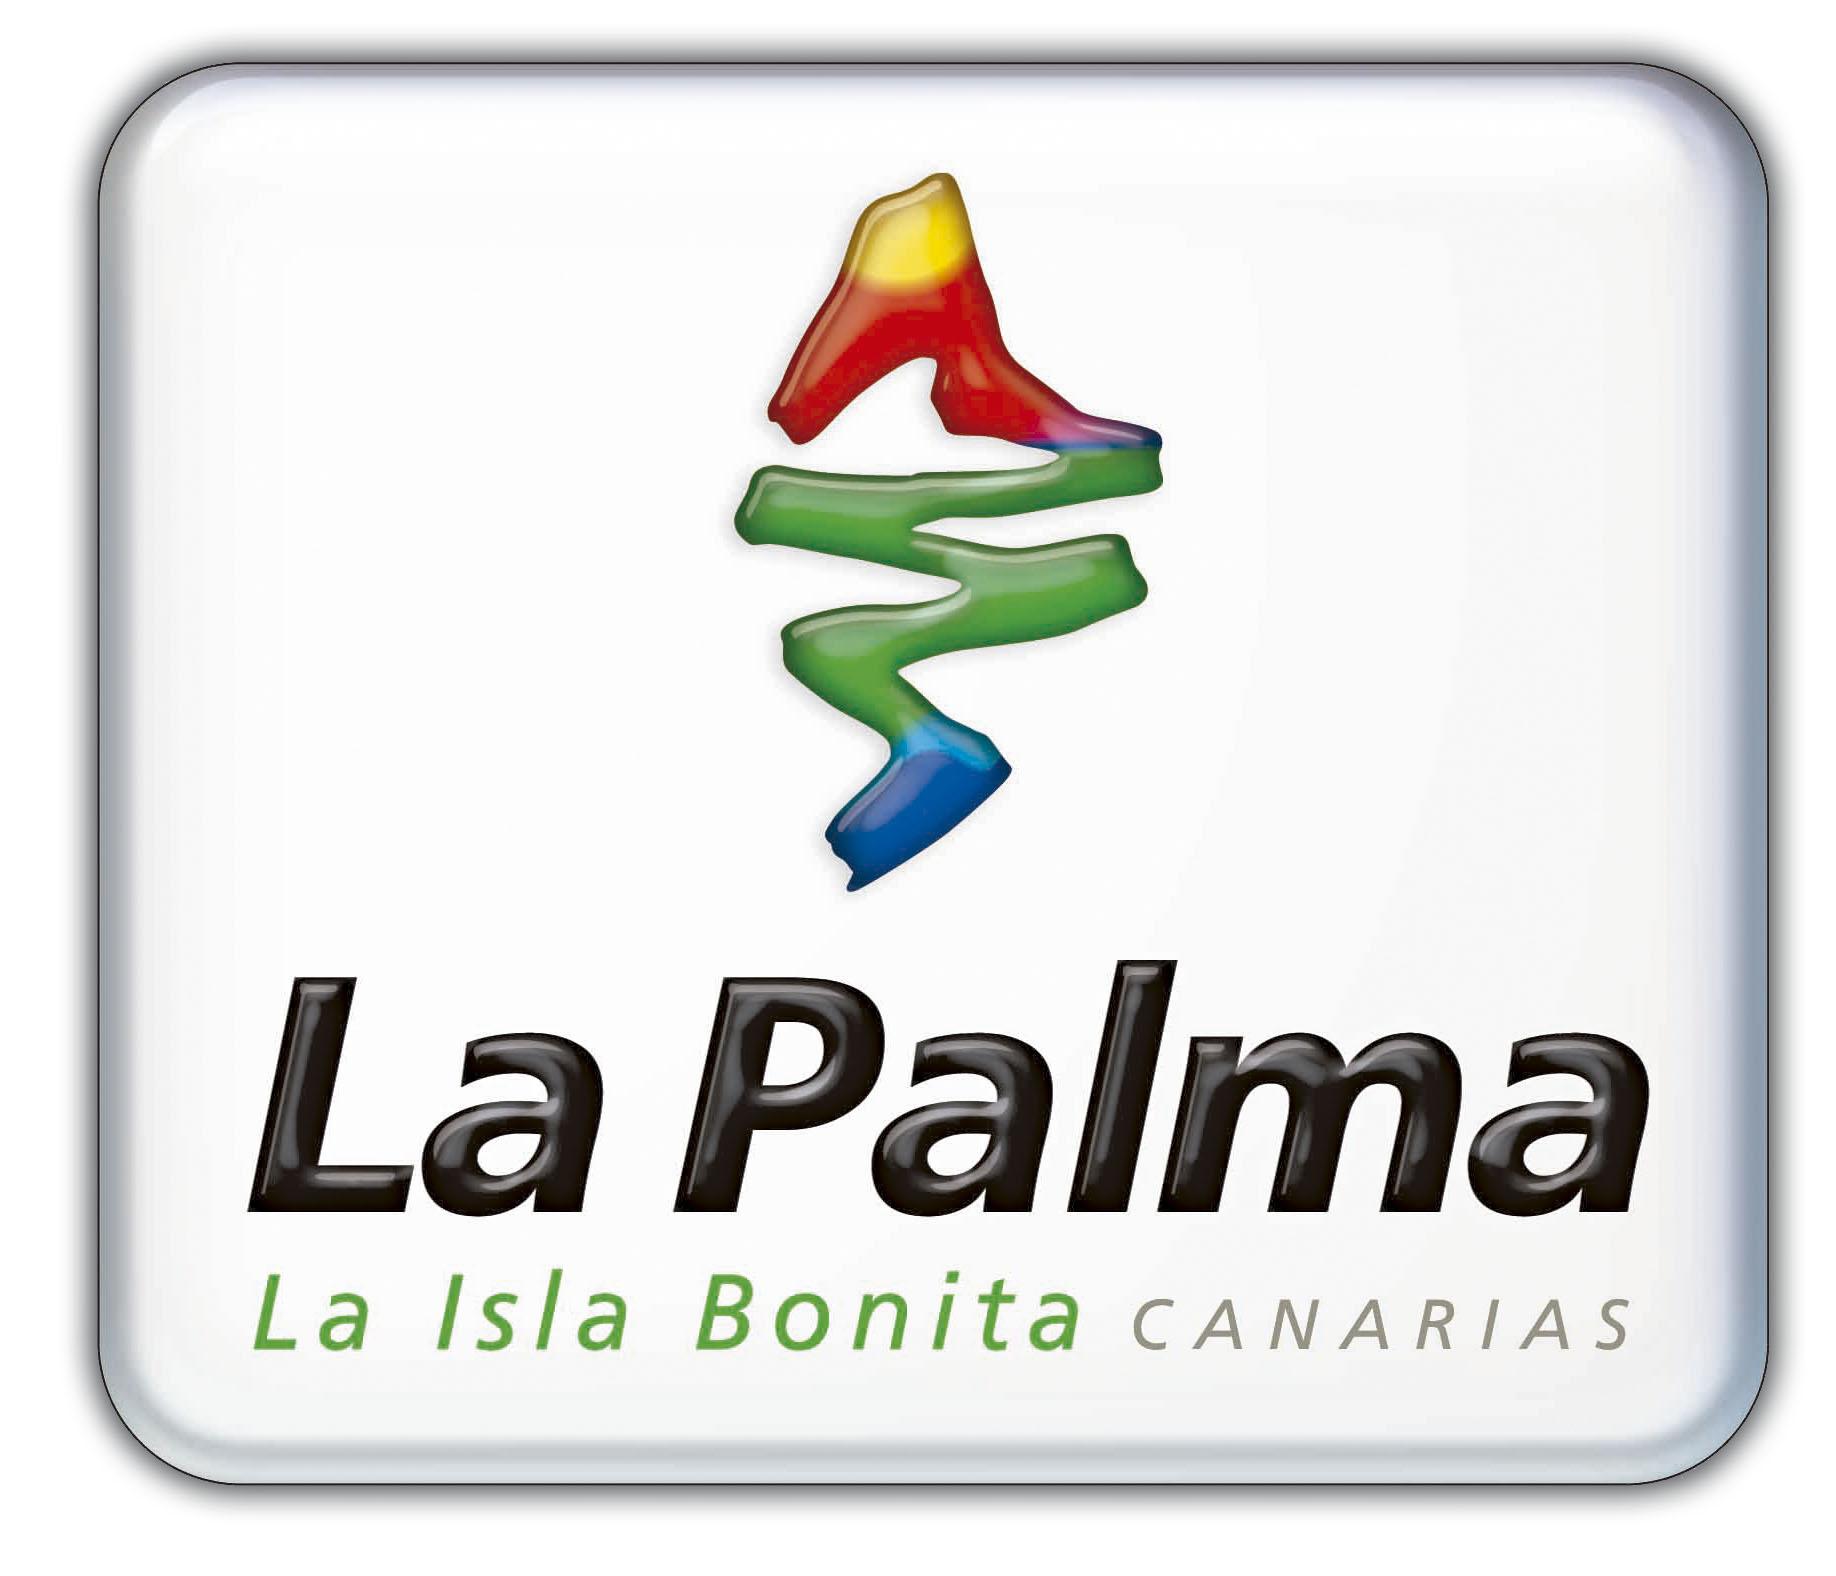 La Palma Ferienunterkünfte Ferienhaus Ferienwohnung mieten preiswert günstig